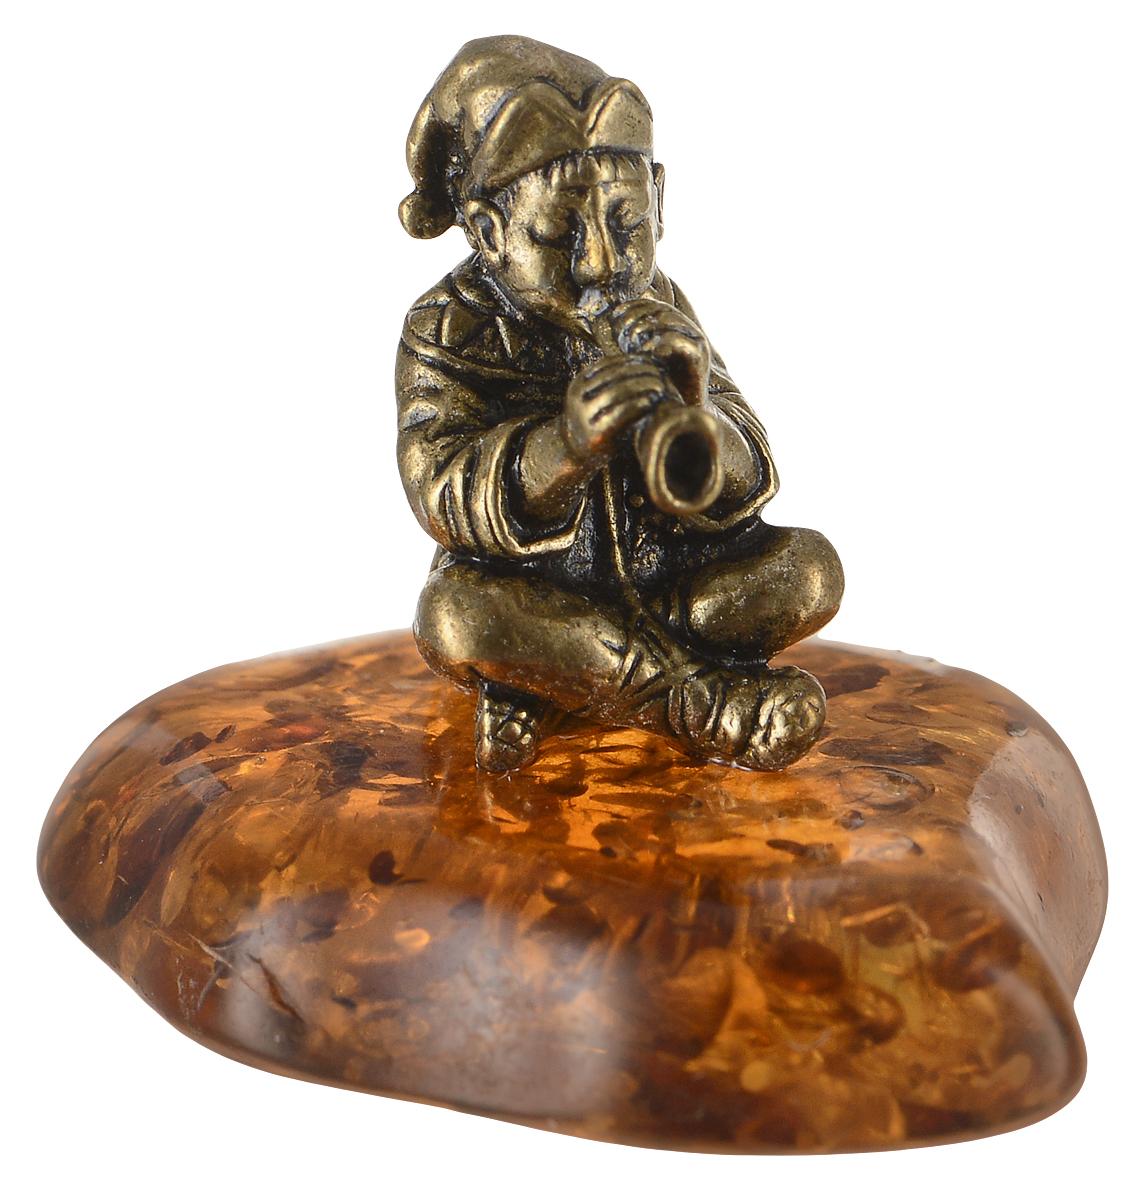 Фигурка декоративная Гифтман Скоморох, материал: латунь, искусственный янтарь. Ручная работа. 52236